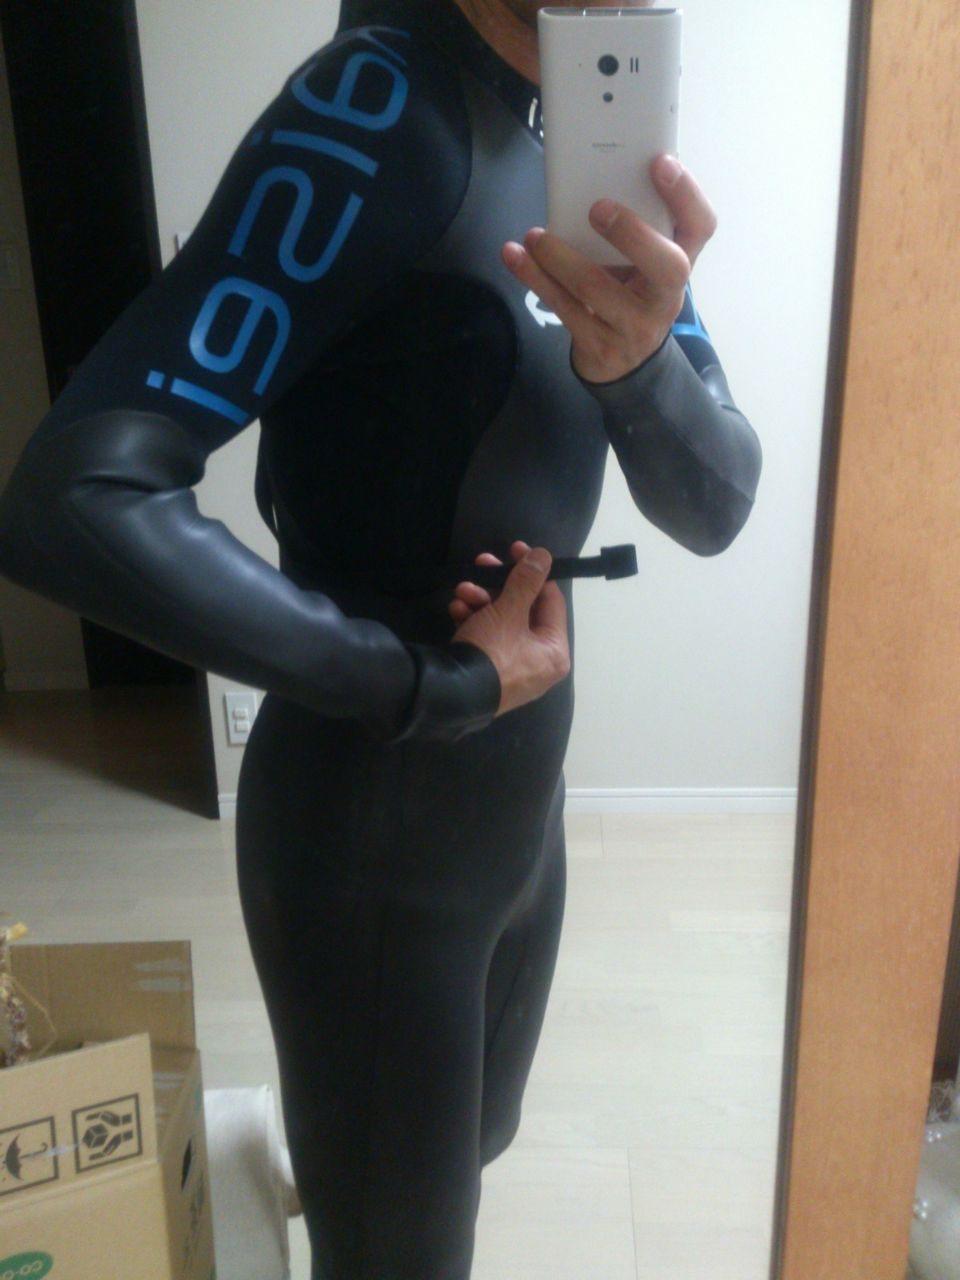 マリンスポーツやる女が着るウェットスーツ姿がピッチリしていてマニアにはたまらんwwwwwwwwww(写真あり)